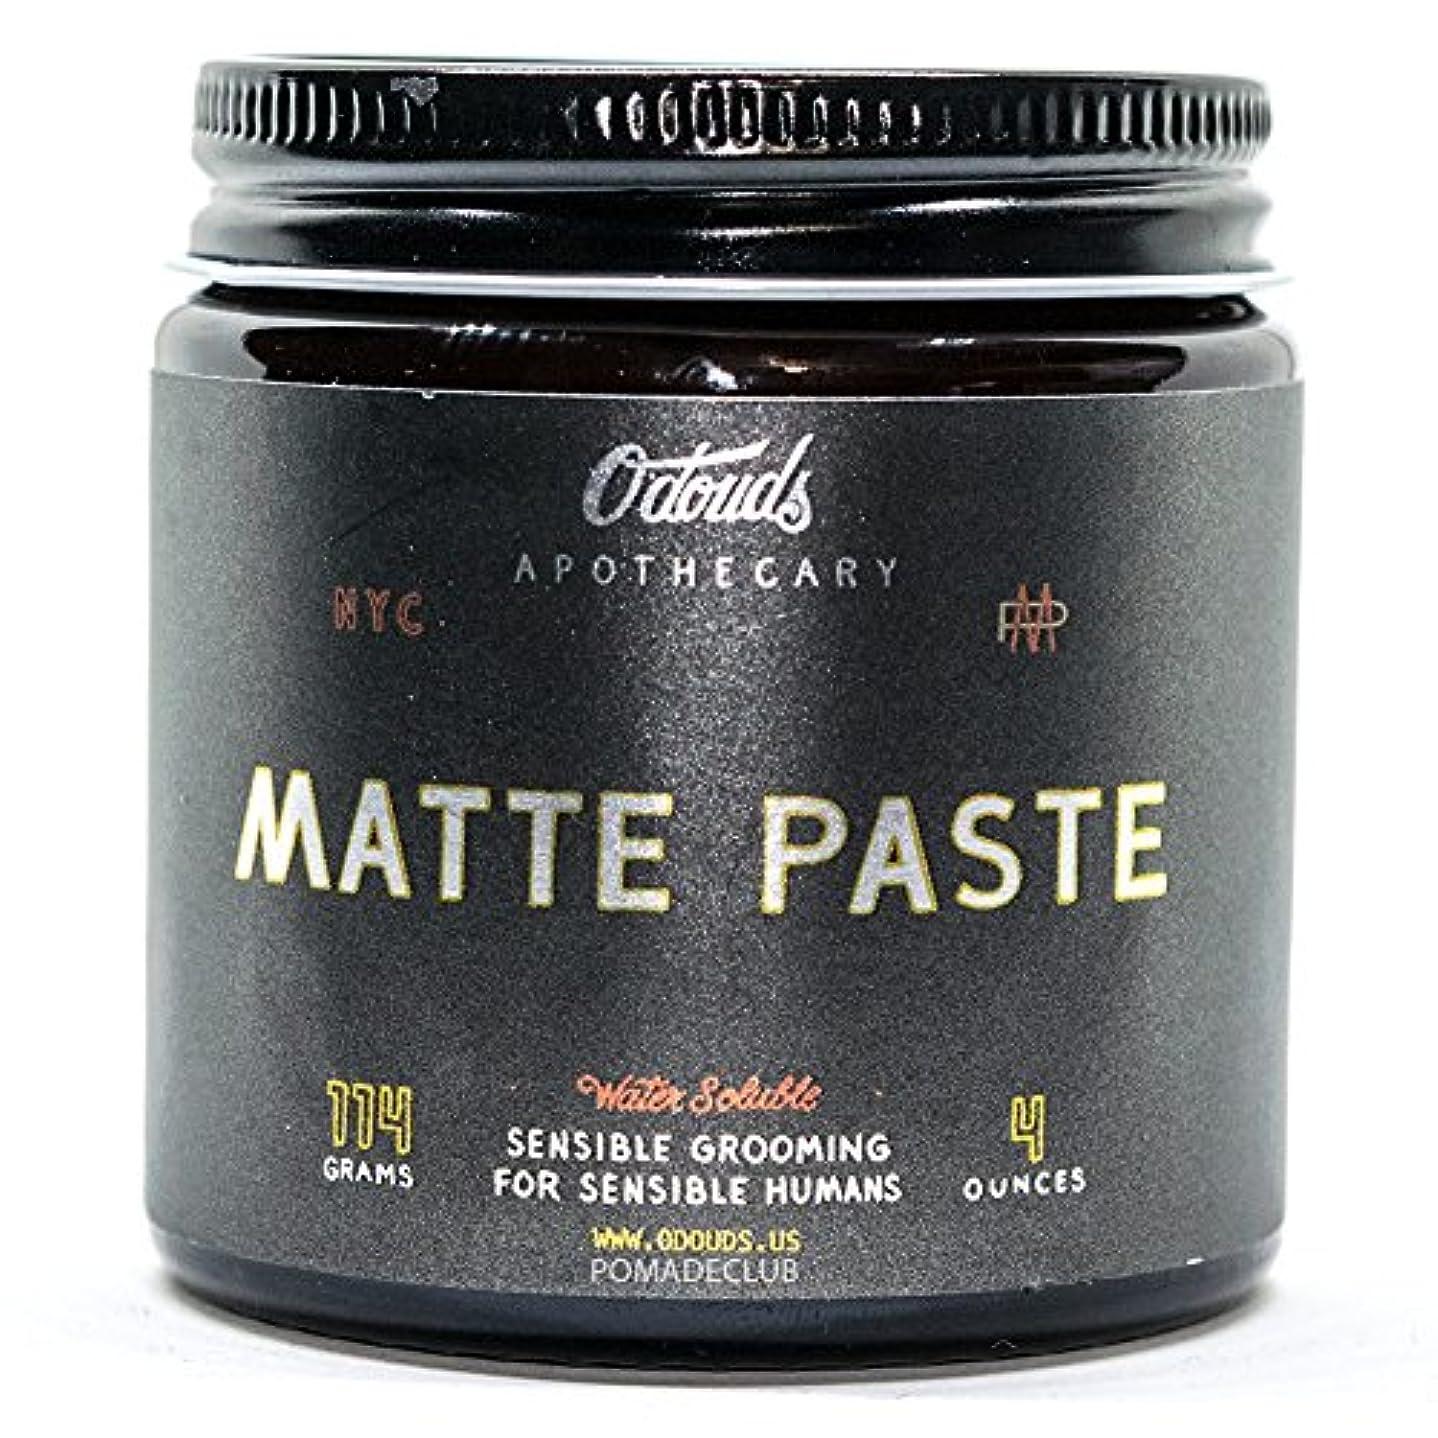 無視するマダムファックスO'Douds (オダウズ) マットペースト MATTE PASTE メンズ 整髪料 水性 ポマード ヘアグリース ヘアワックス クリームタイプ ツヤなし ストロングホールド